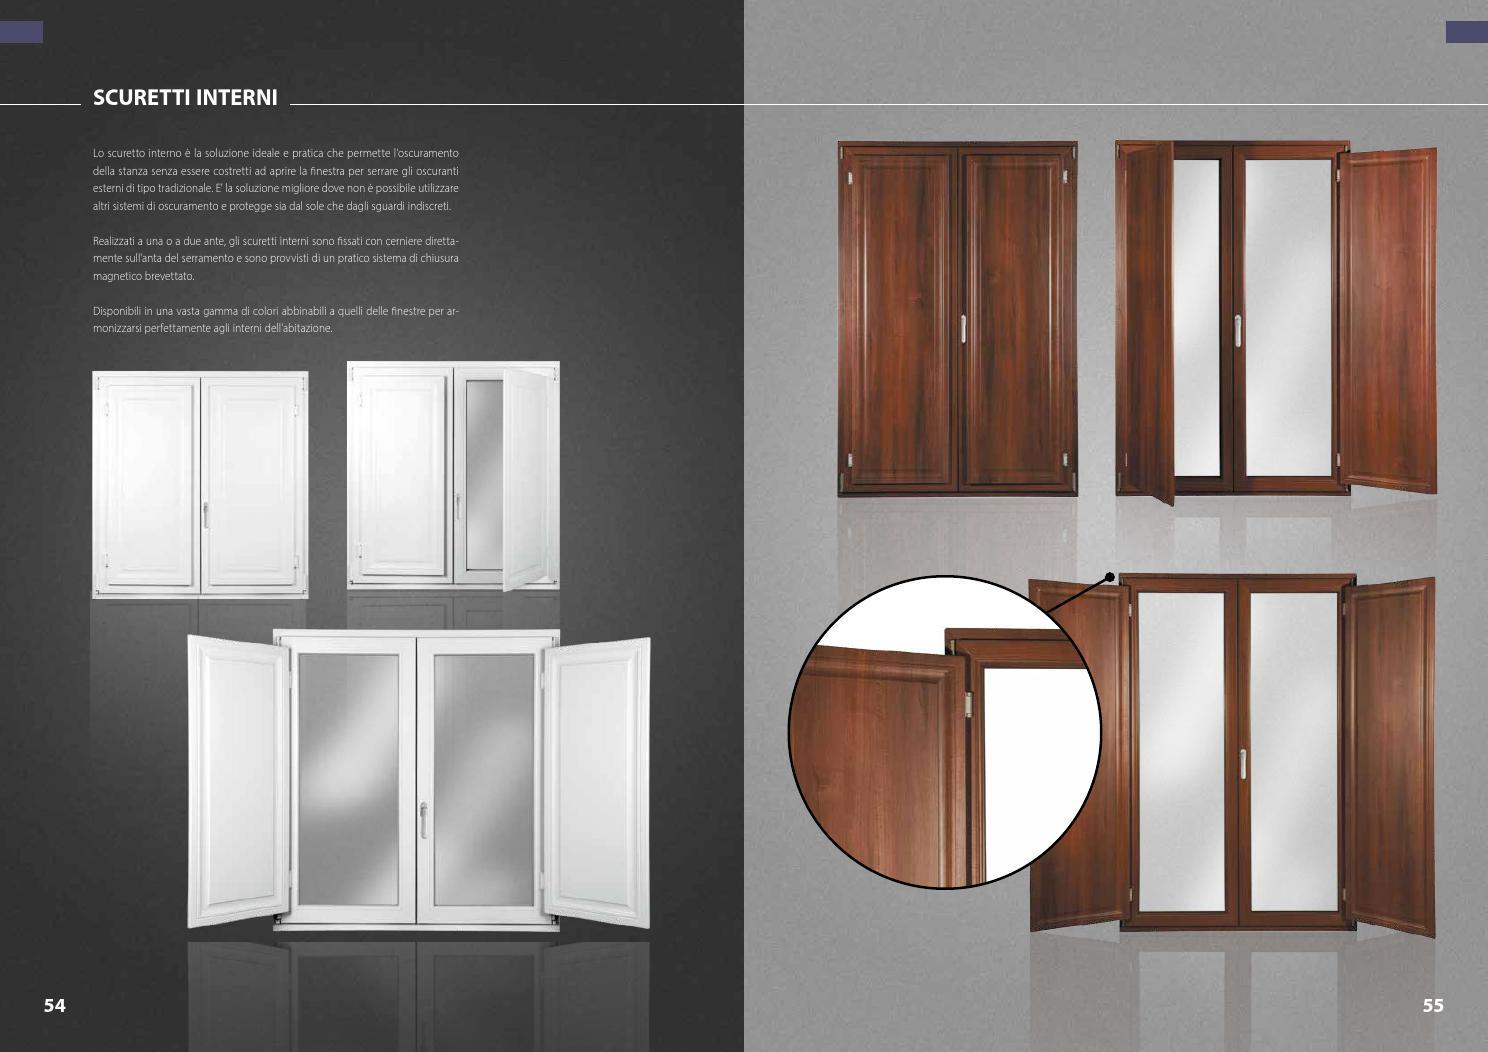 Sistema Di Oscuramento Per Finestre catalogo ottobre 2013 by irene graziola - issuu